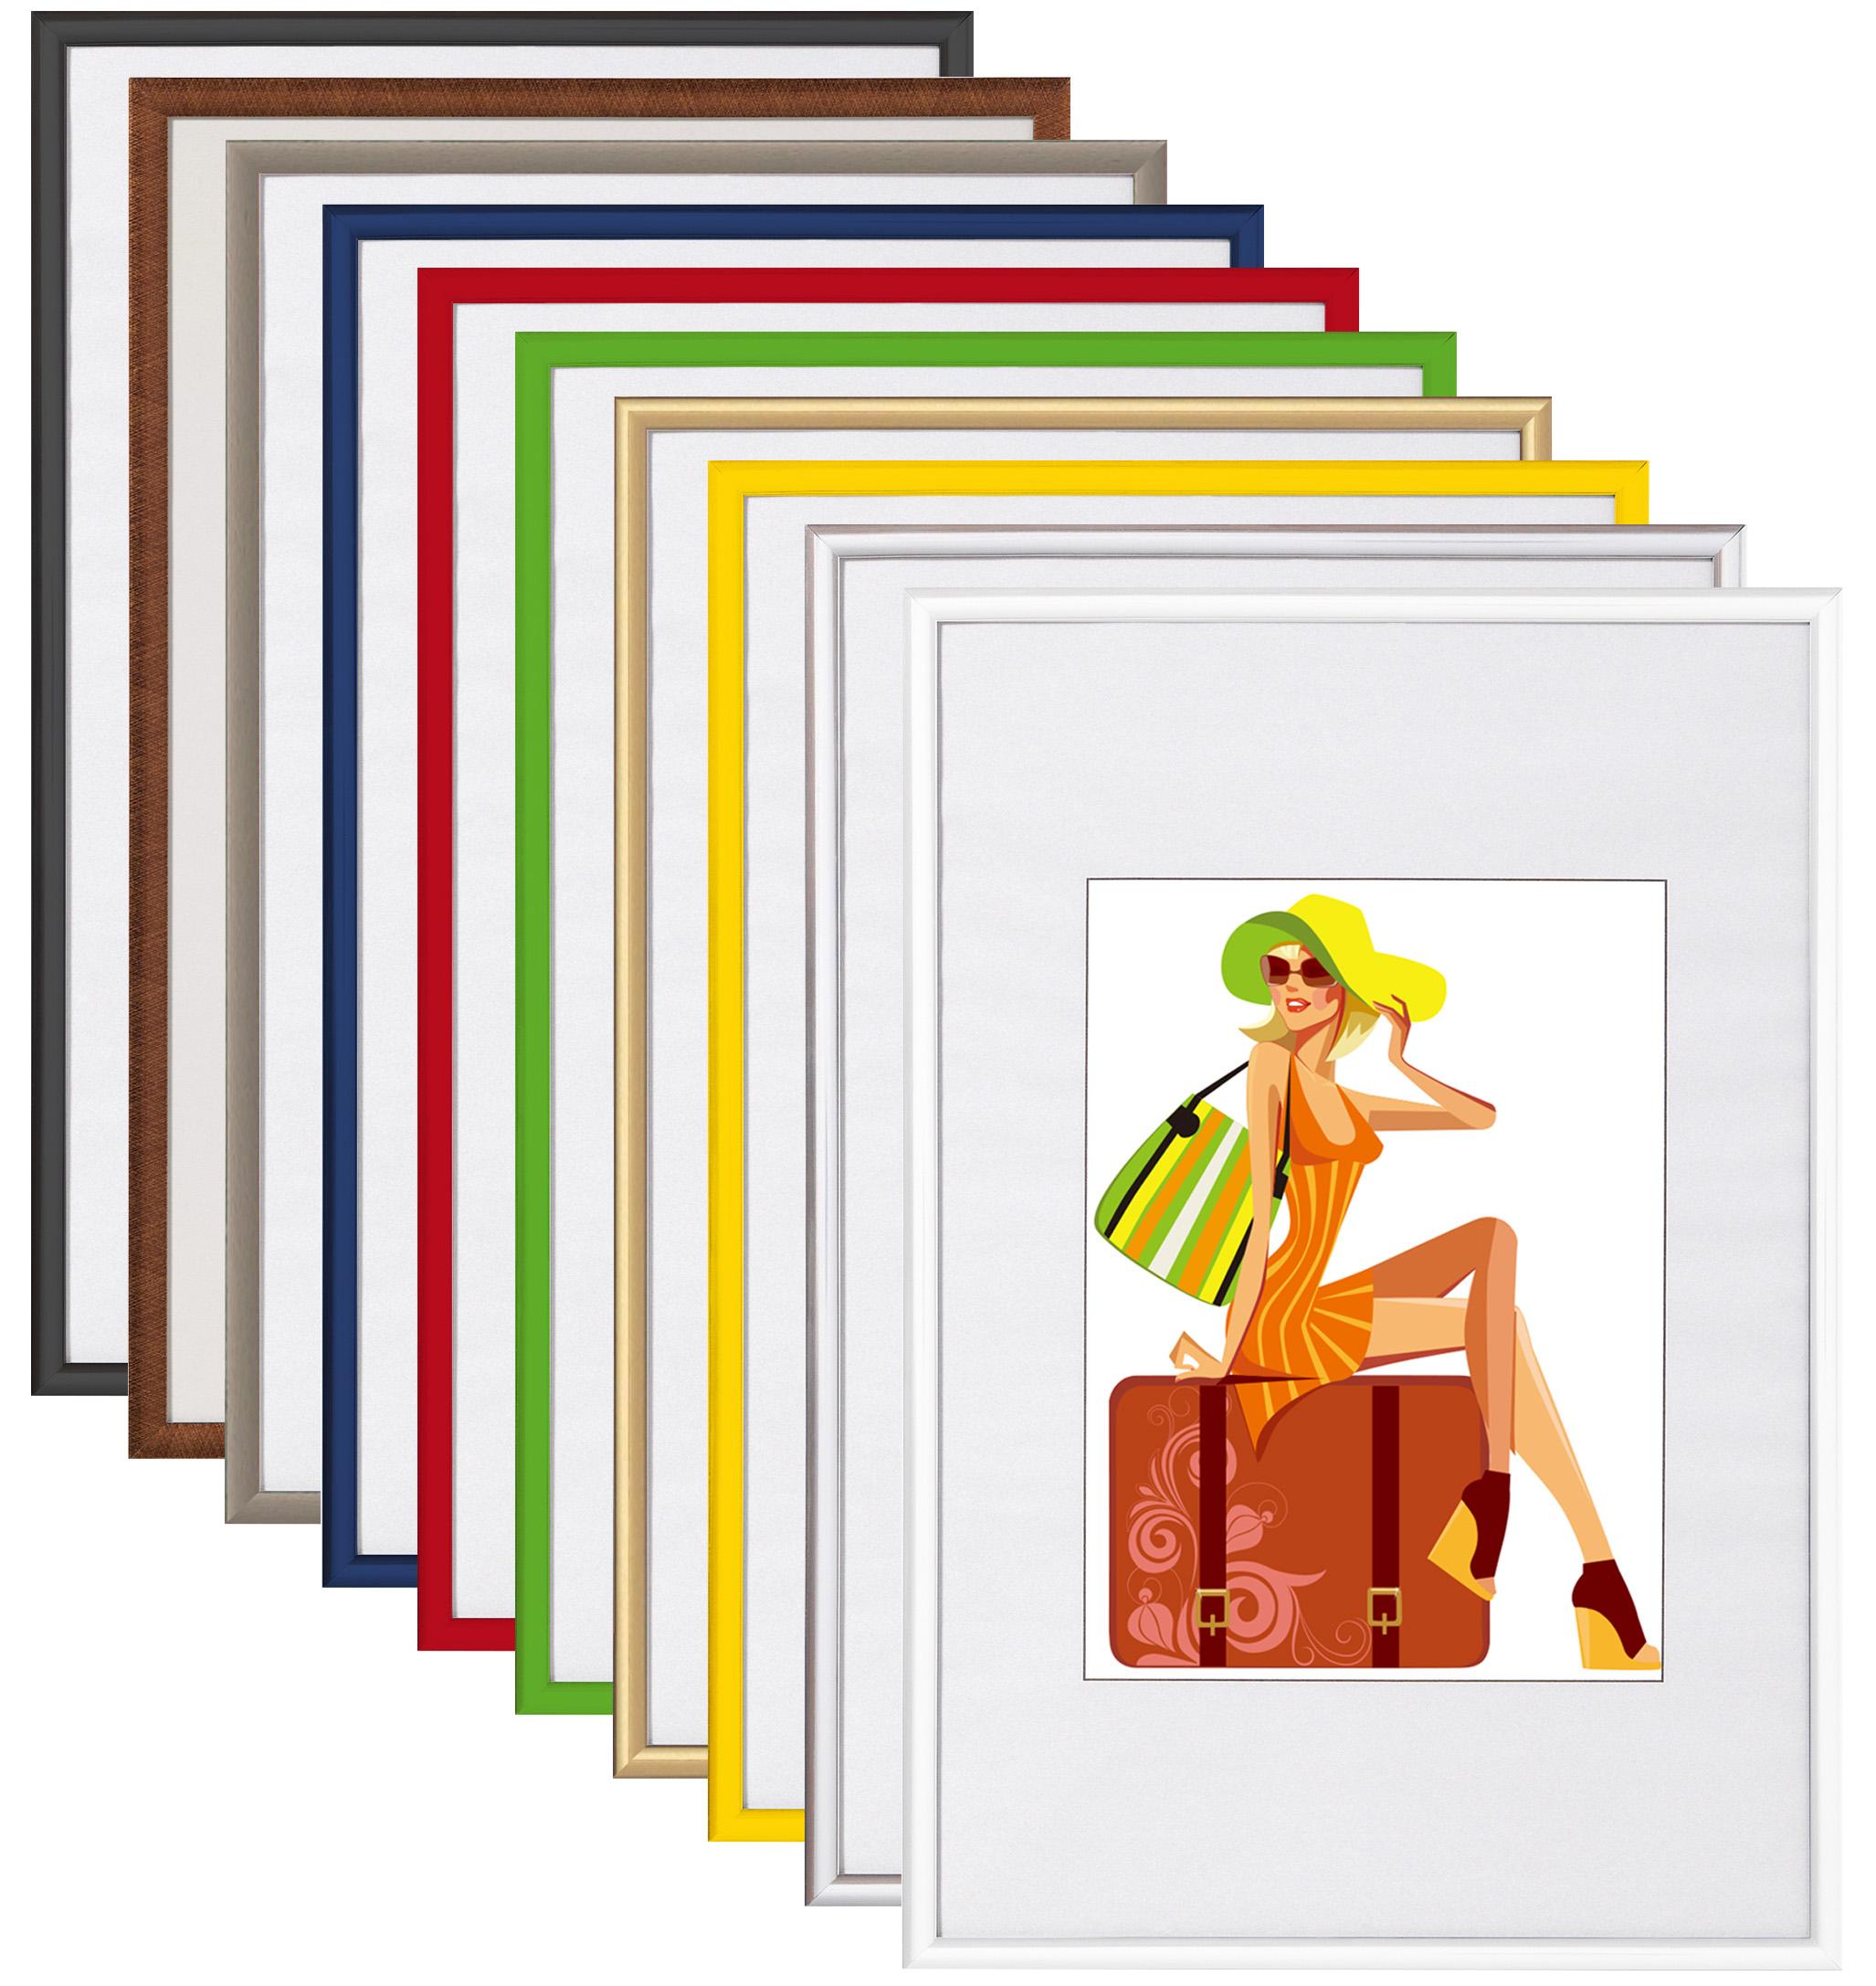 Charmant Kunststoffrahmen Für Fotokabine Bilder Ideen ...